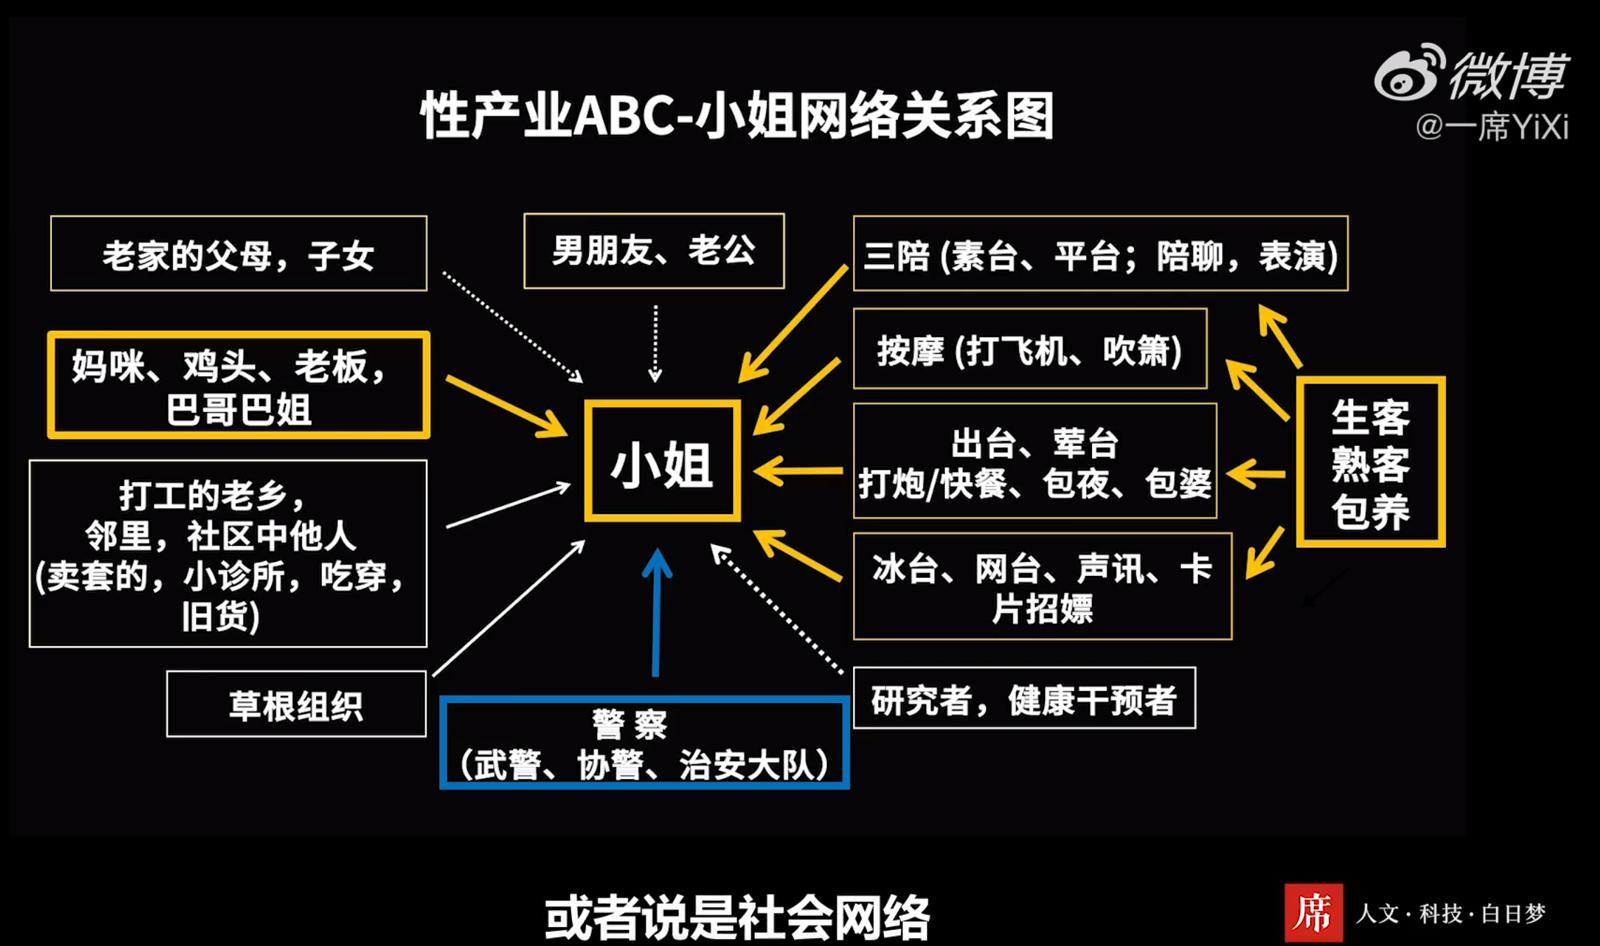 一席公开演讲:中国小姐研究